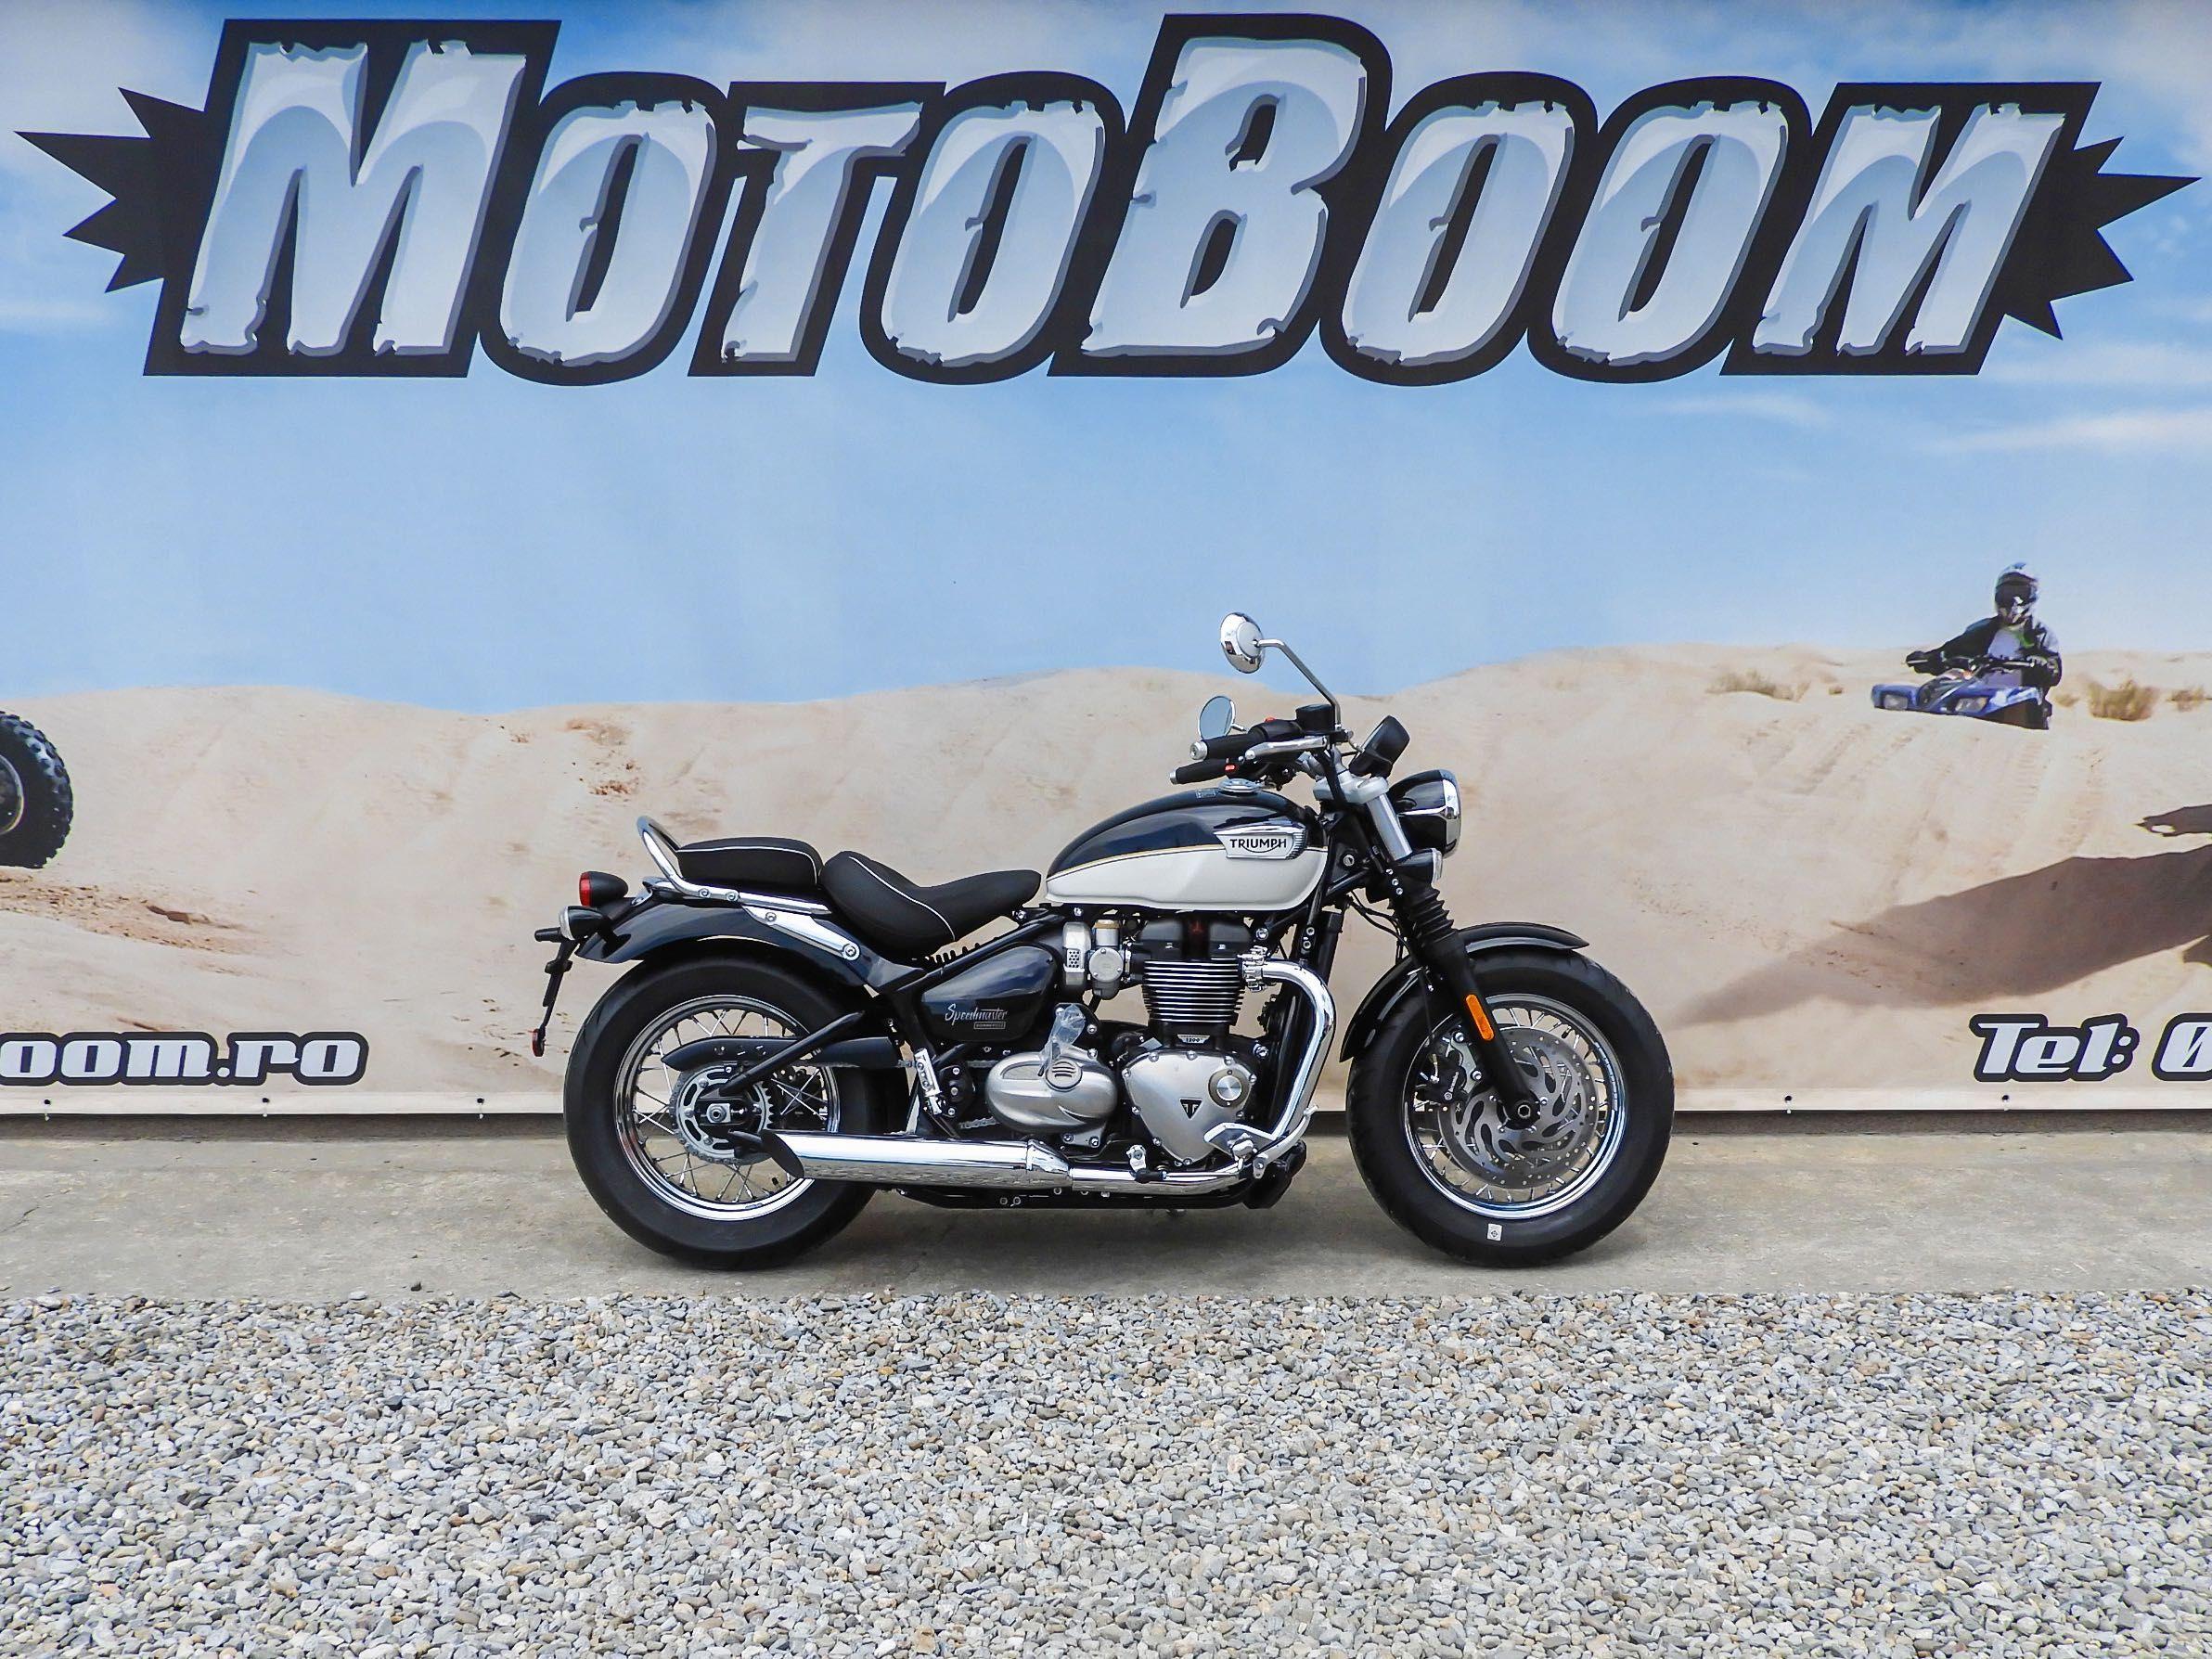 Motocicleta Triumph Speedmaster 2021